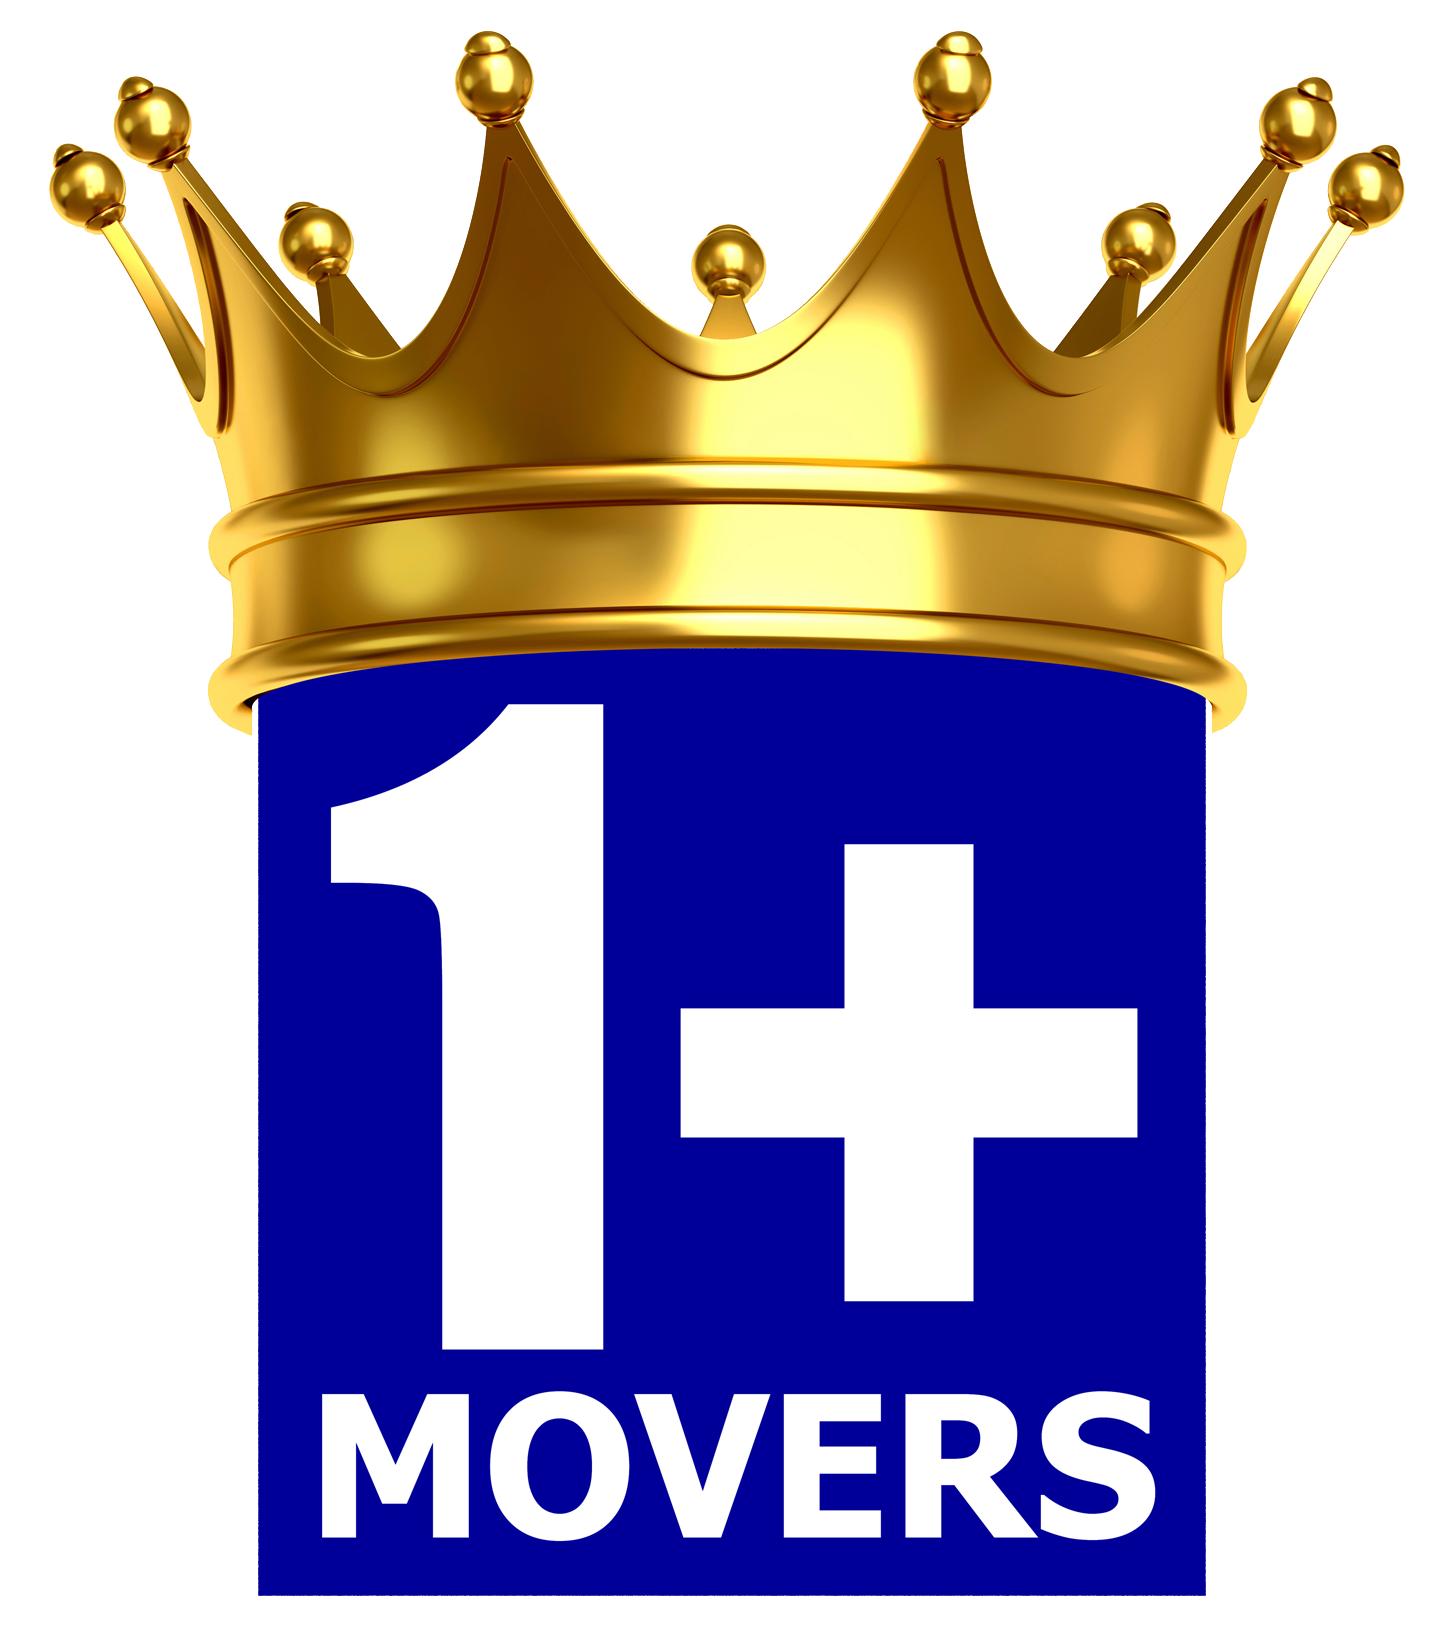 1+MOVERS Moving Company Logo